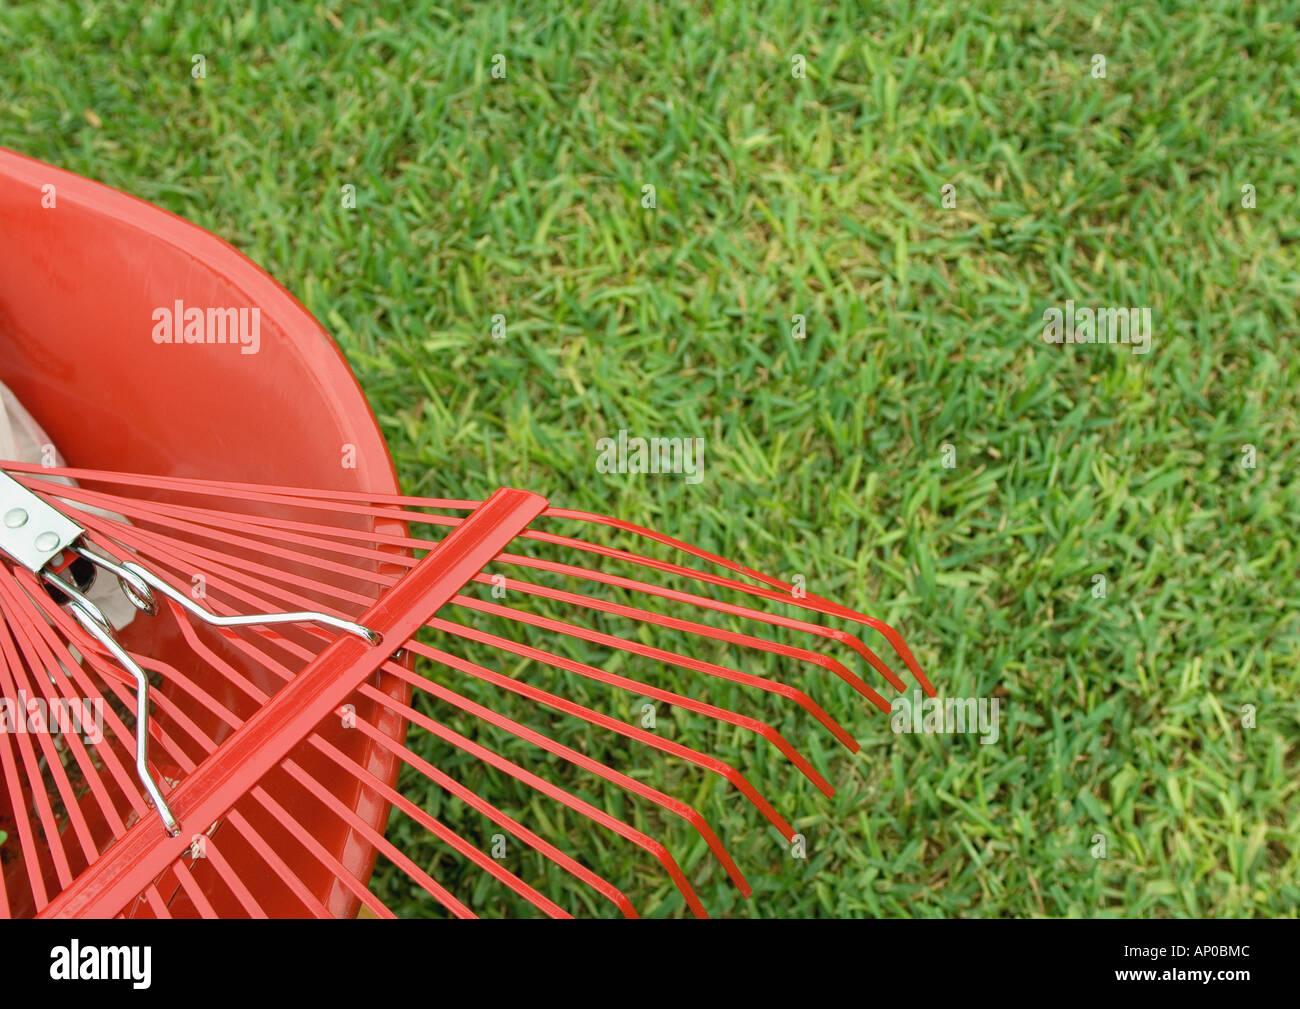 Rake and wheelbarrow, partial view - Stock Image